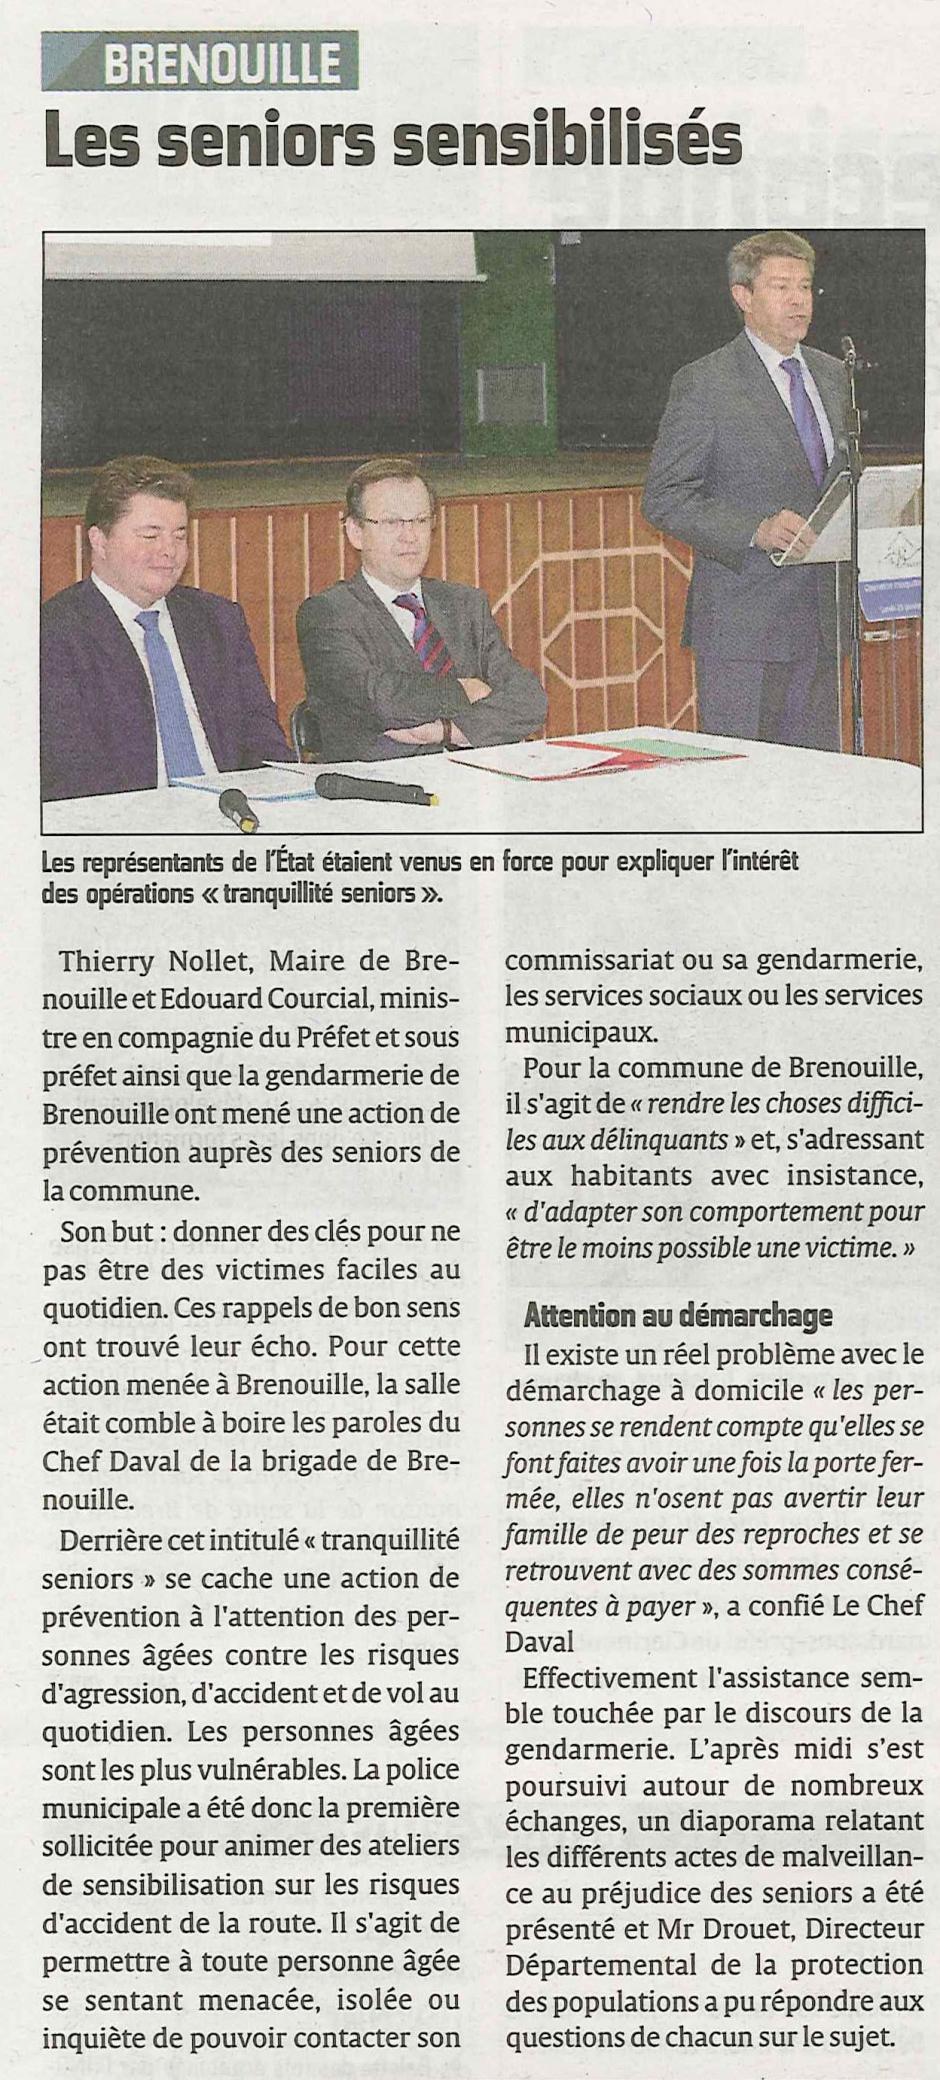 20120127-CP-Brenouille-Les seniors sensibilisés